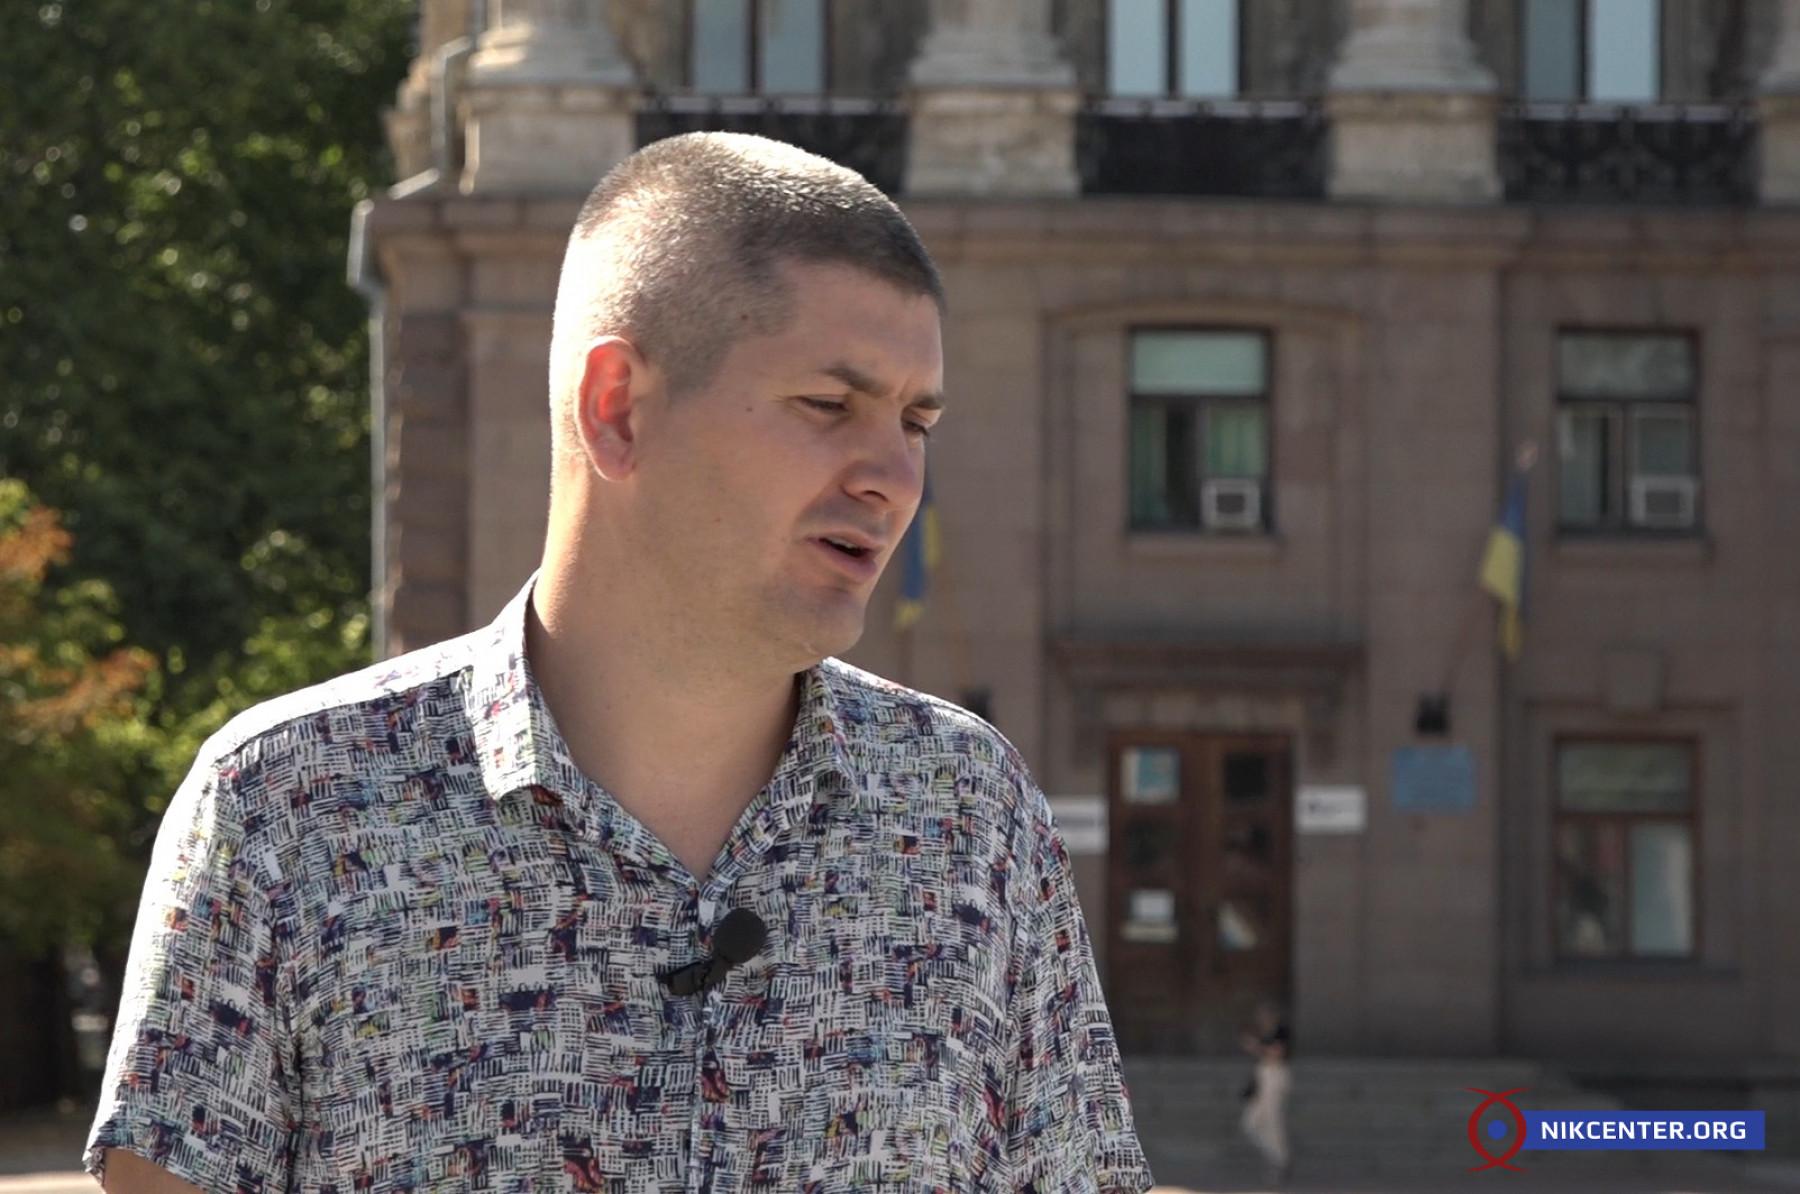 """Виталий Матвеев провел Центру экскурсию во время которой показал примеры несоответствия работы по укладке """"бюджетной"""" плитки строительным нормам и стандартам"""